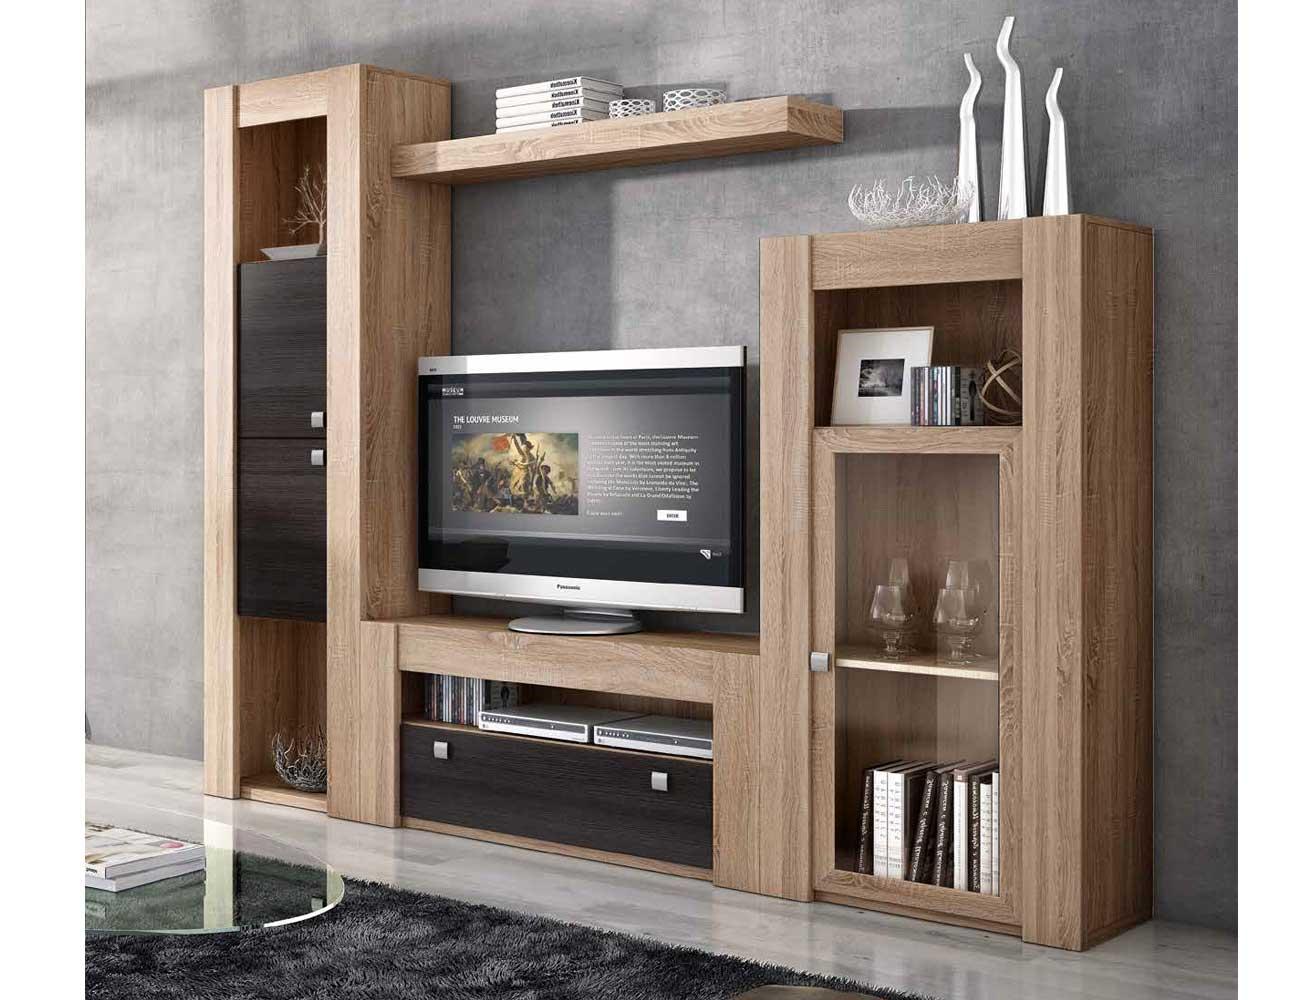 Mueble de sal n modular moderno en cambrian ceniza 2275 for Muebles salon modulares